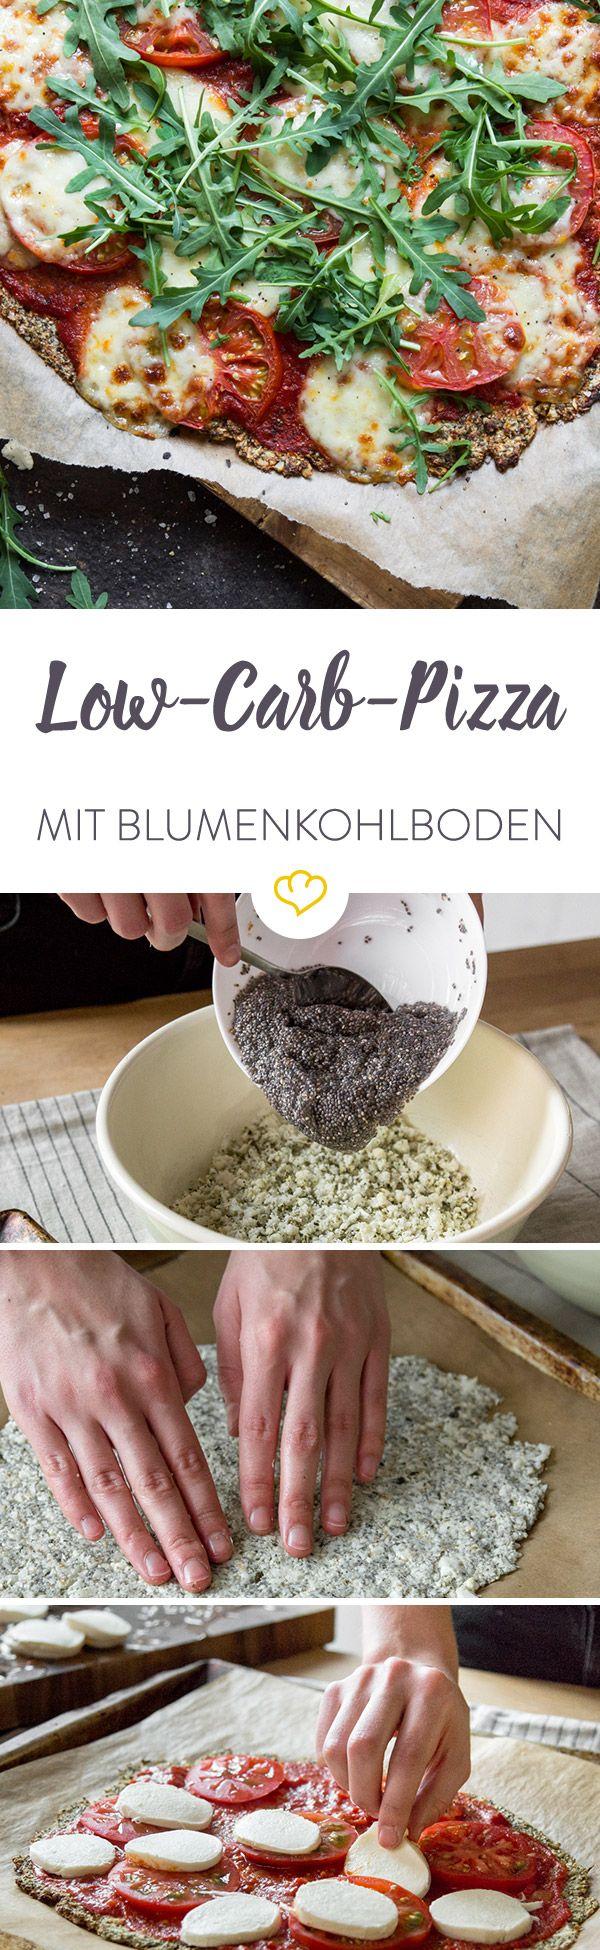 Photo of Low-Carb-Pizza mit Blumenkohl und Chia-Samen zum Genießen